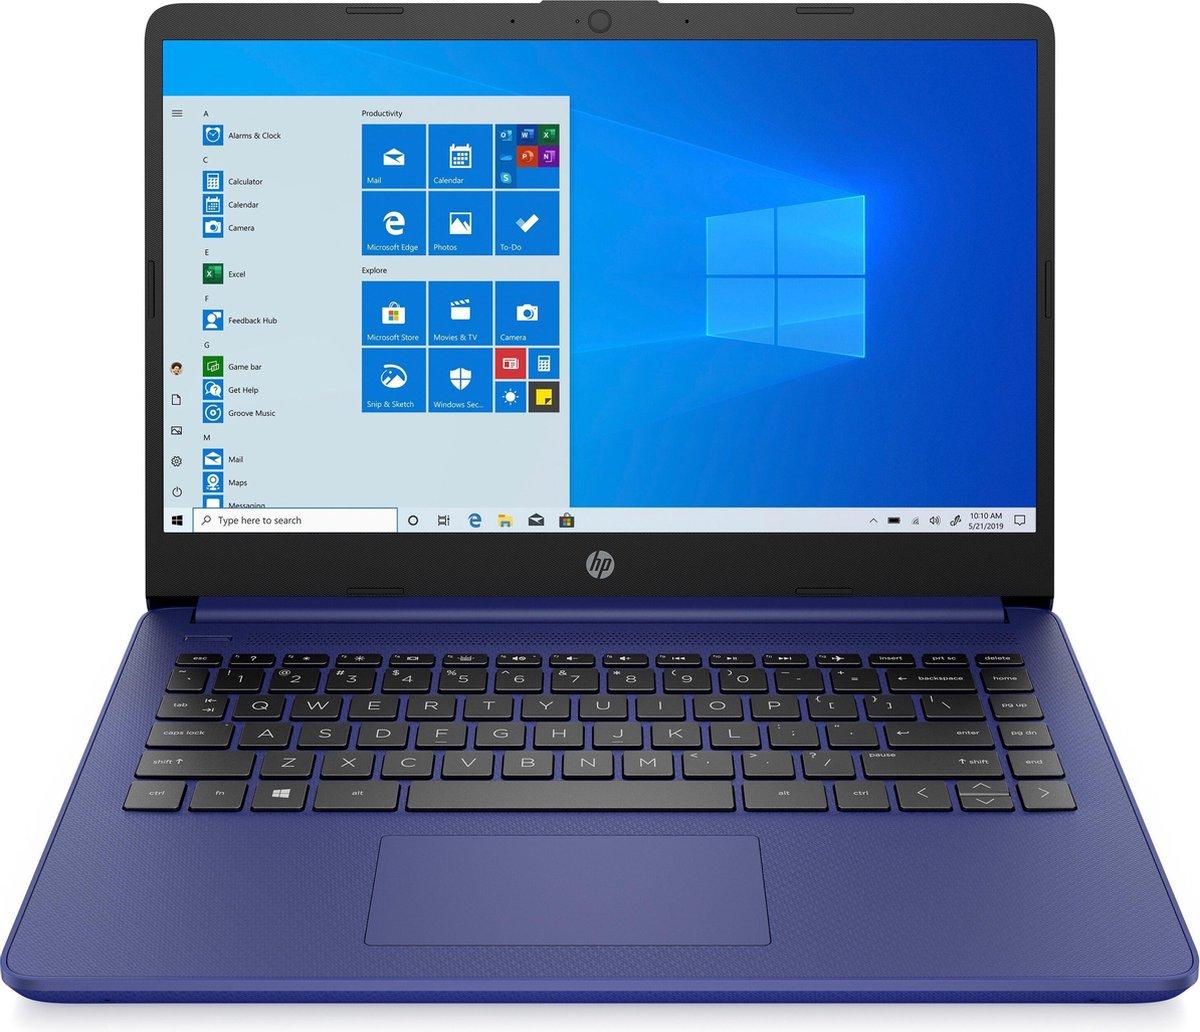 """HP 14s-fq0039nd DDR4-SDRAM Notebook 35,6 cm (14"""") 1920 x 1080 Pixels AMD Ryzen 3 4 GB 128 GB SSD Wi-Fi 5 (802.11ac) Windows 10 Home S Blauw"""